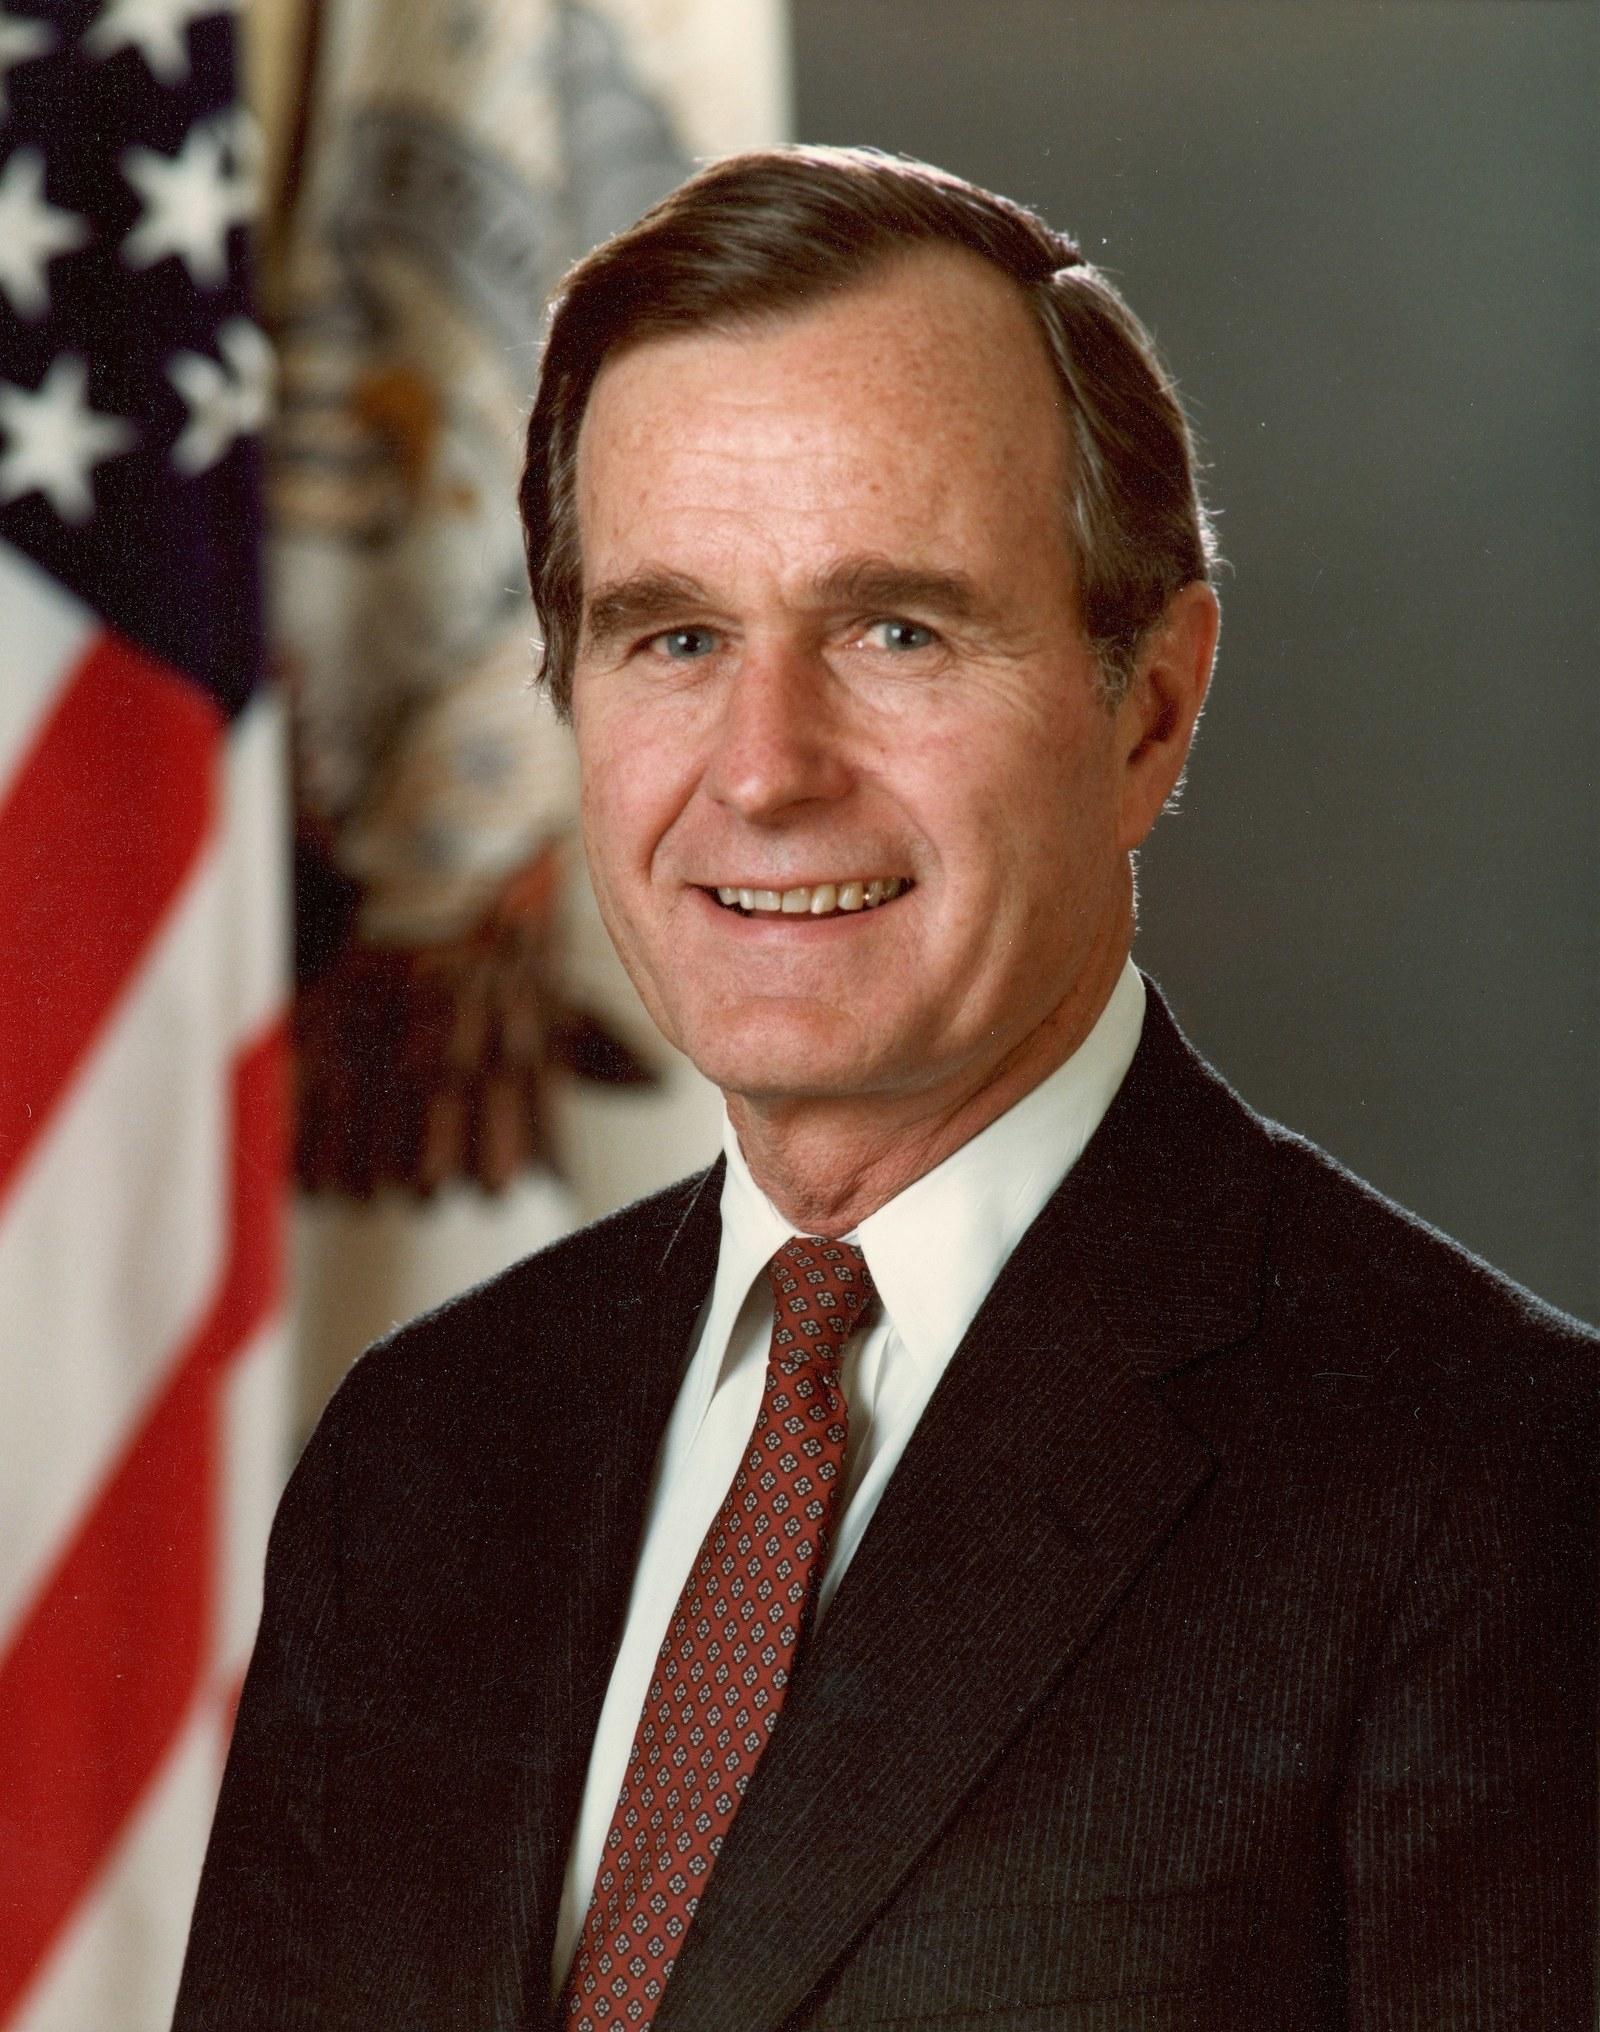 Bush's official presidential portrait.